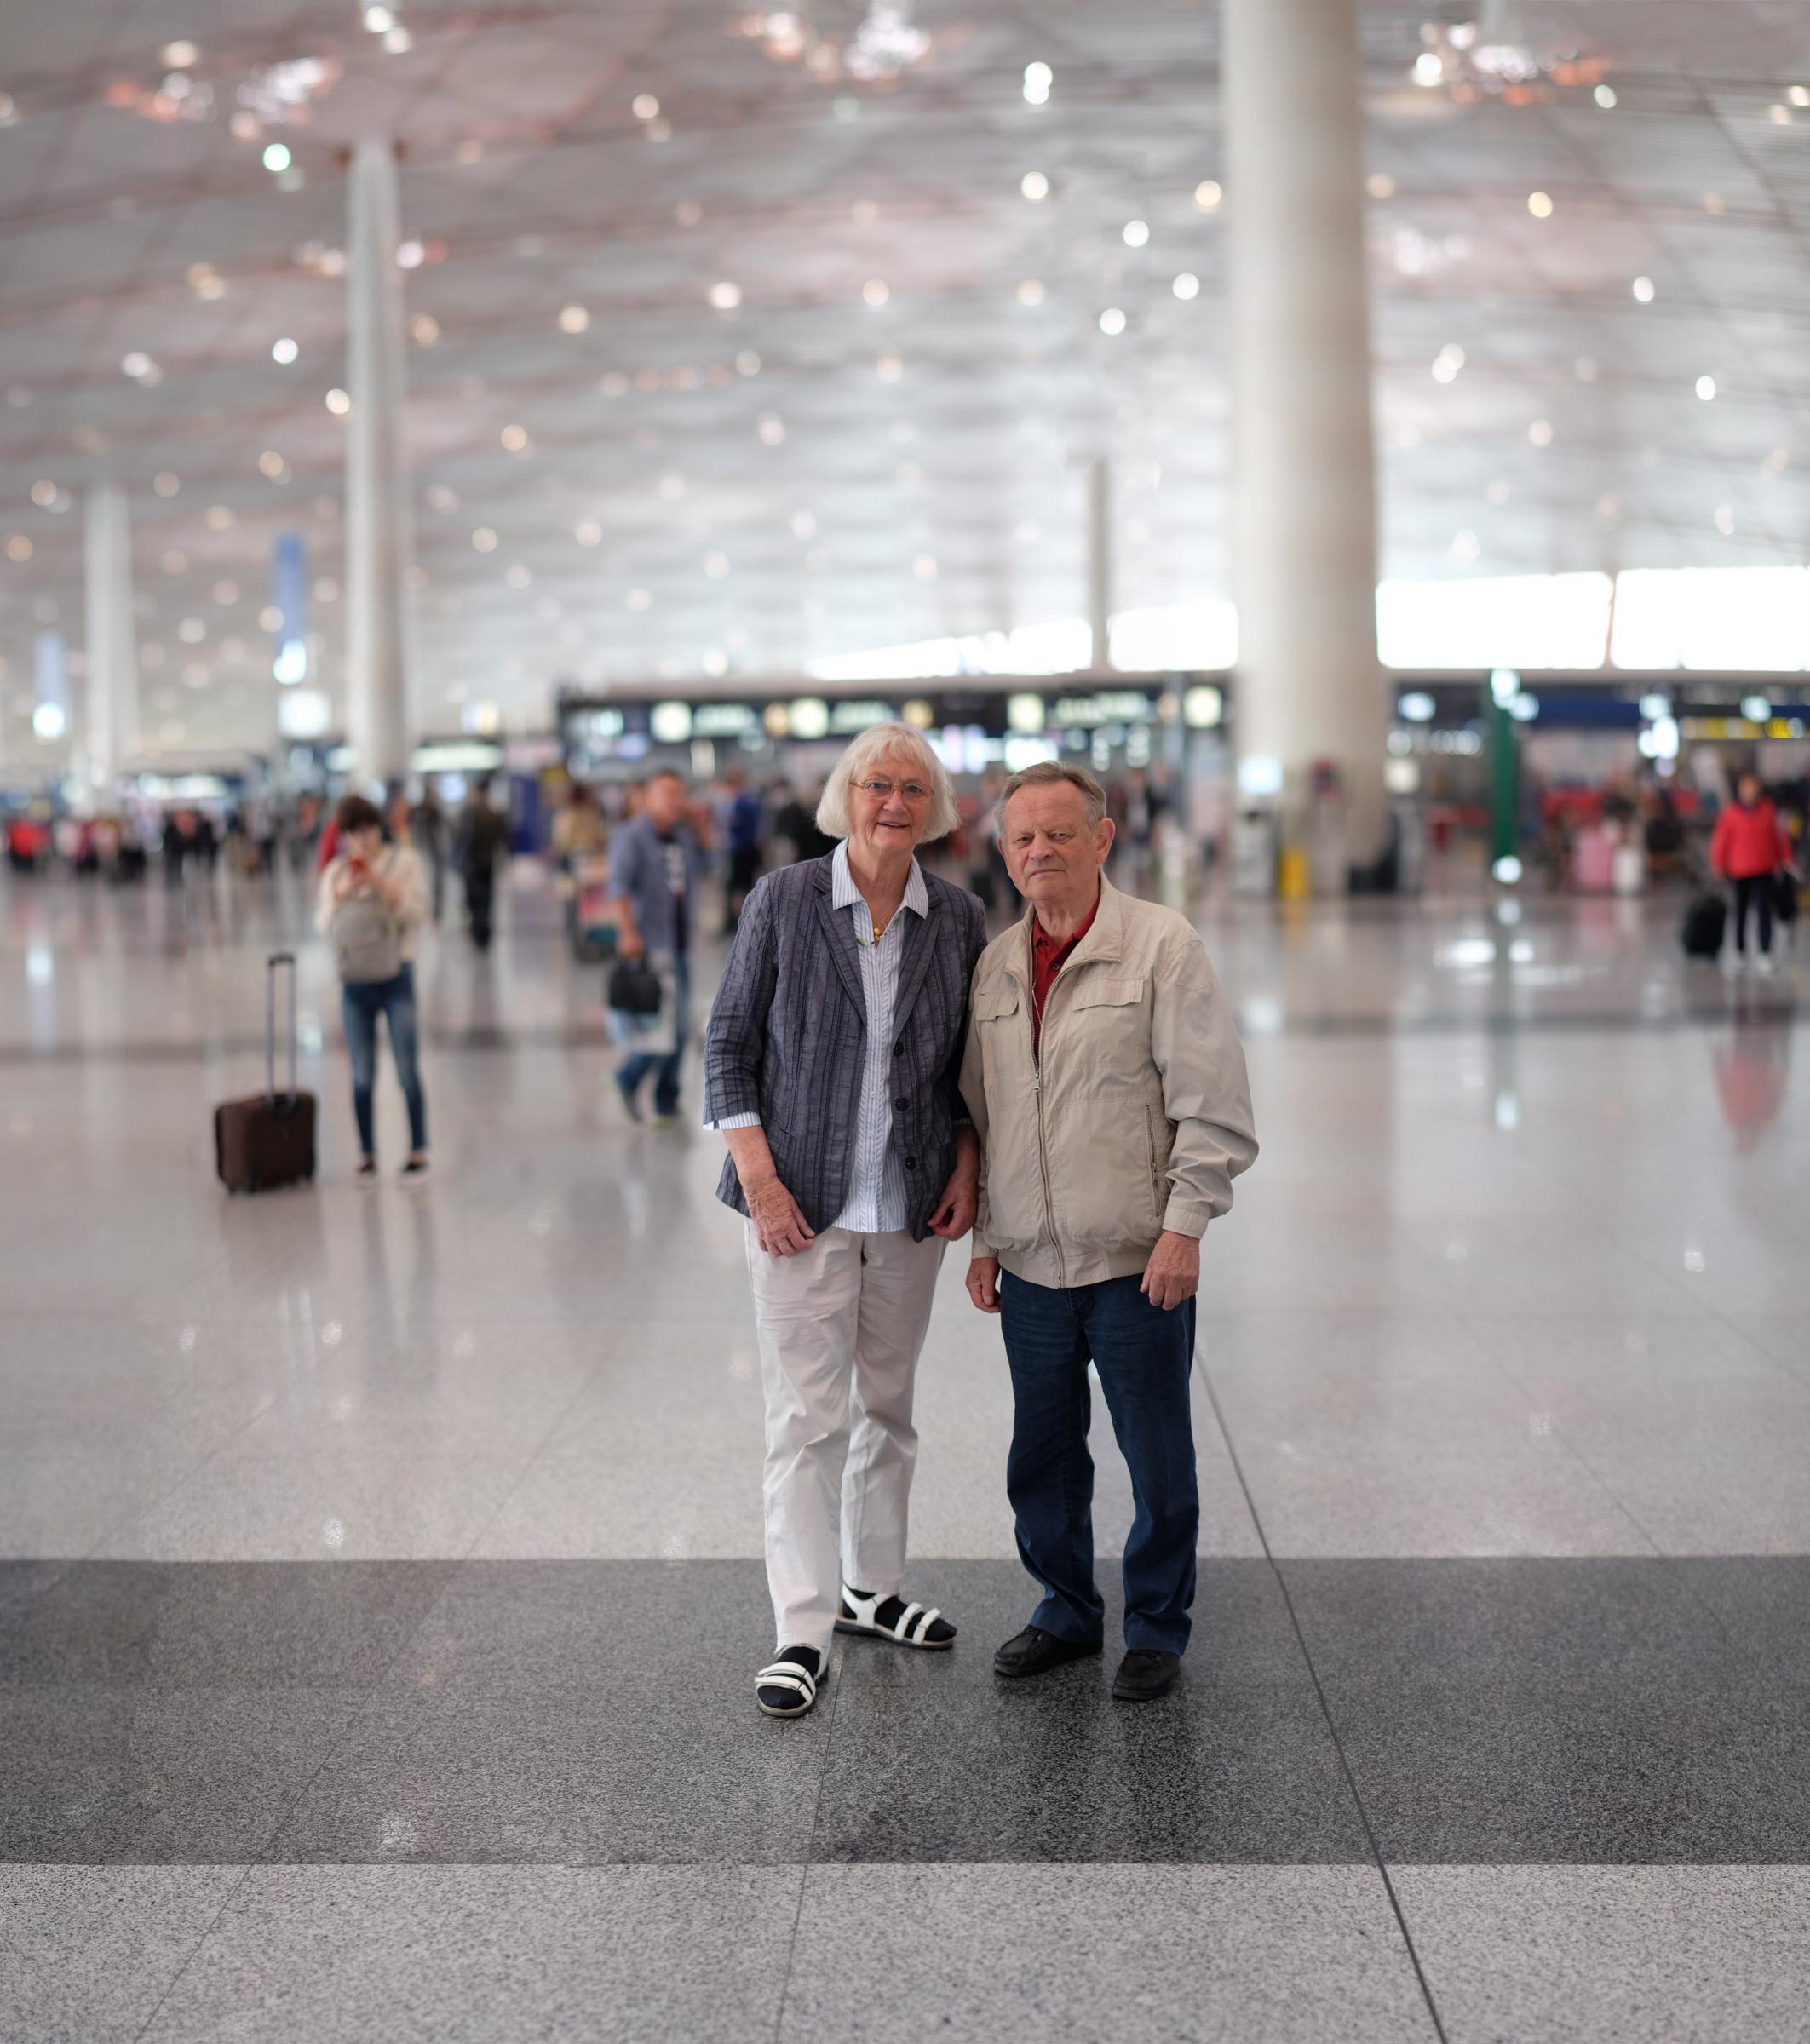 Brenizer_Airport_HuF